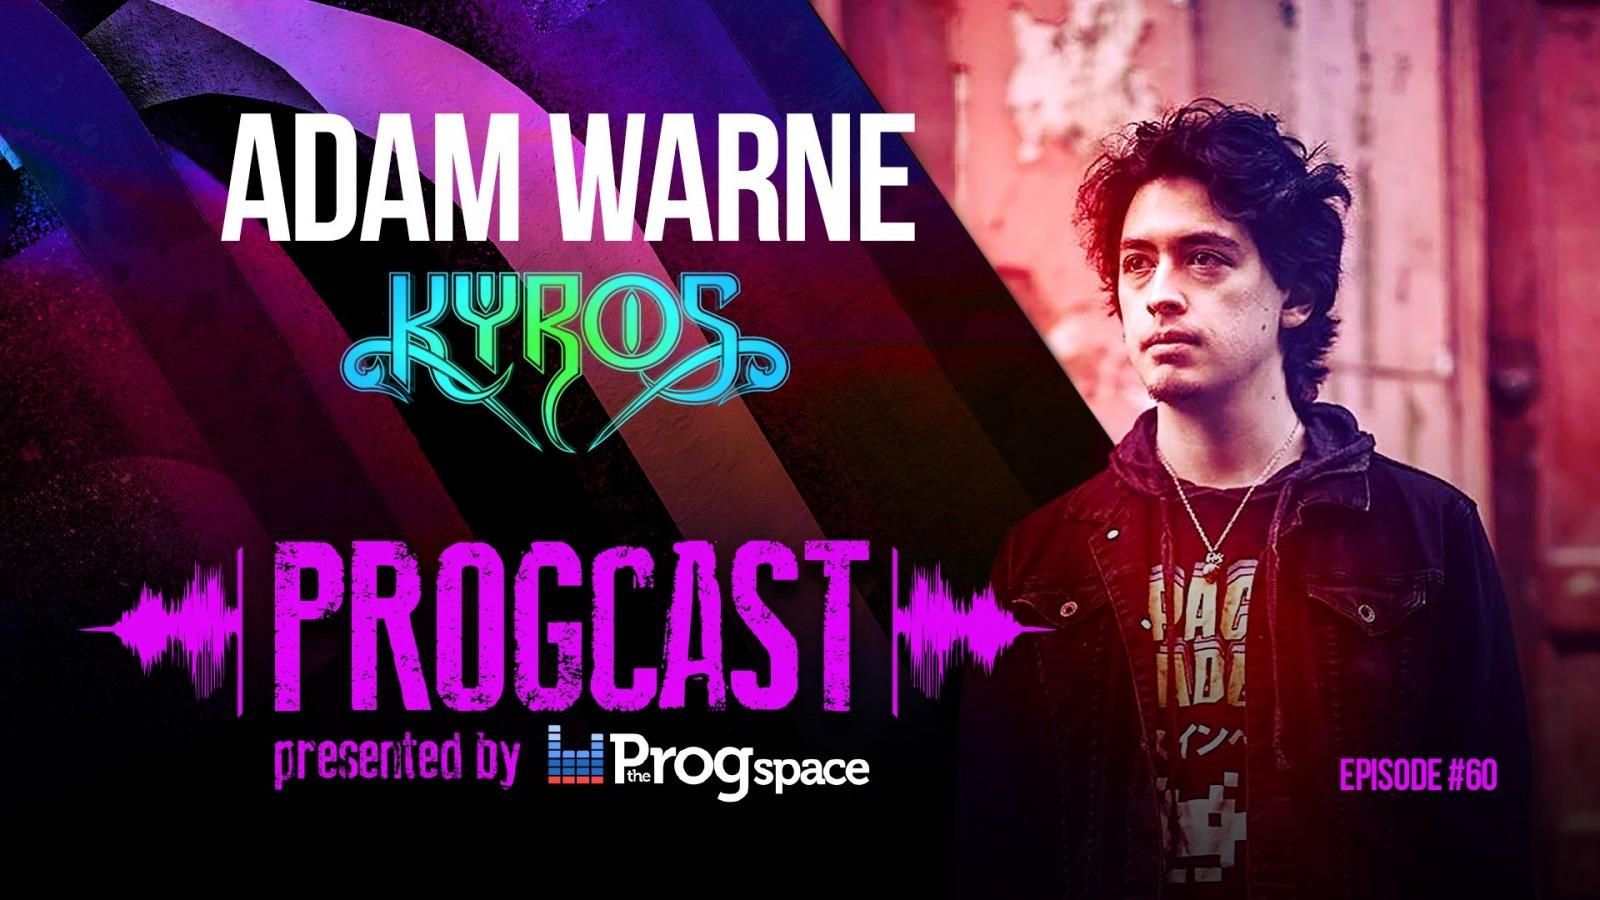 Progcast 060: Adam Warne (Kyros)